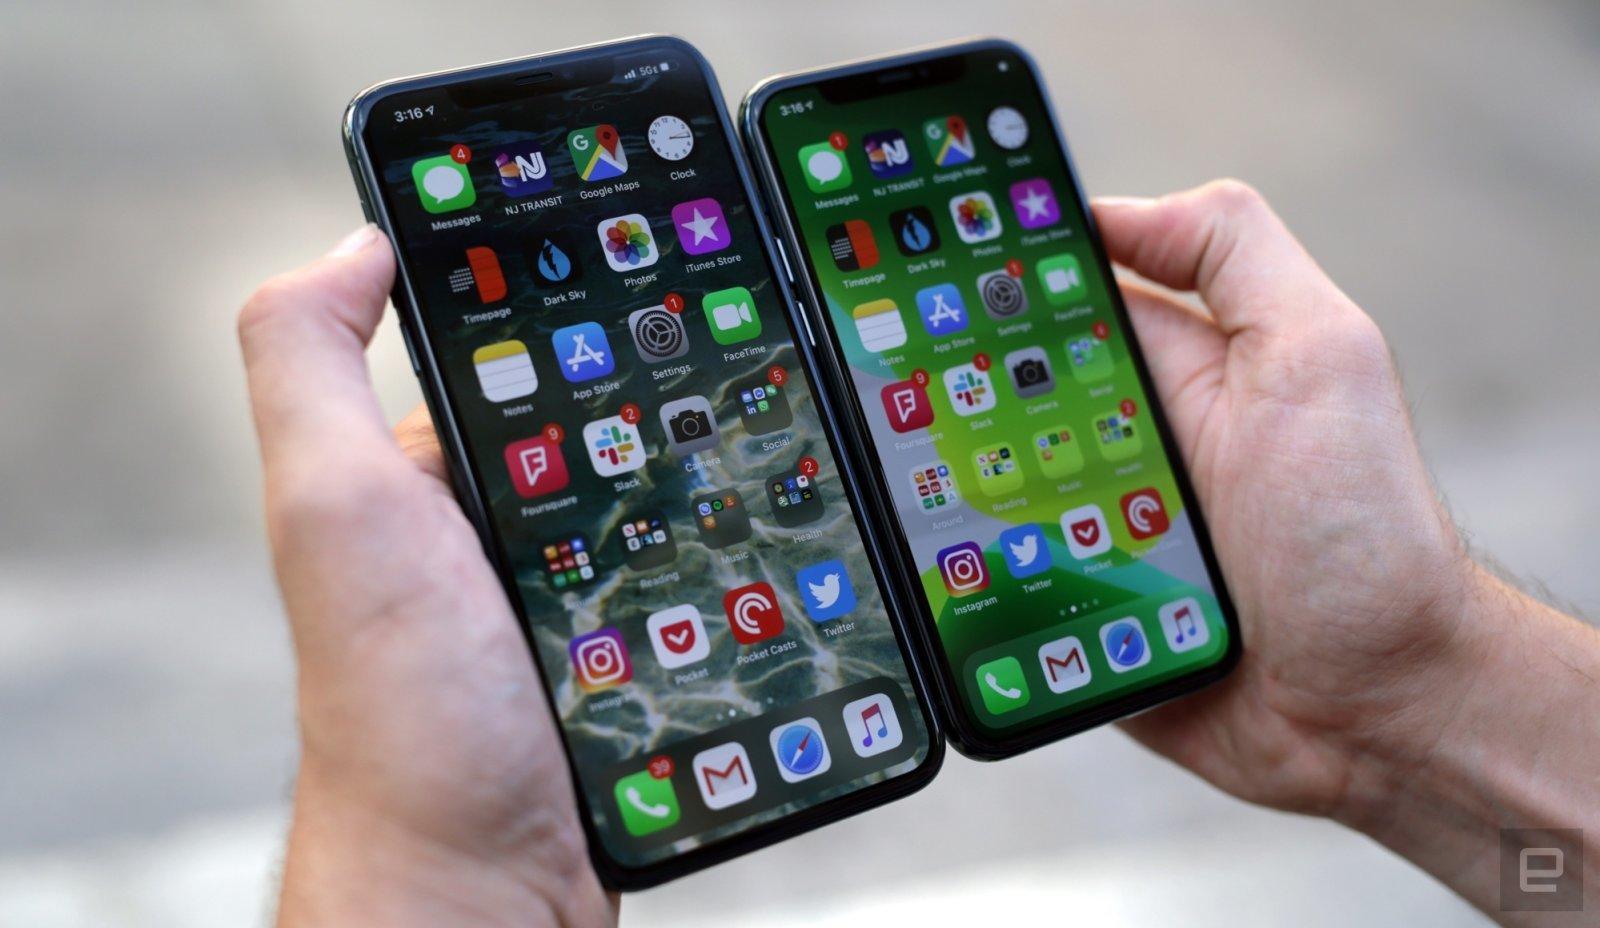 بهروزرسانیهای جدید iOS 13.3 چه تغییراتی کرده است؟